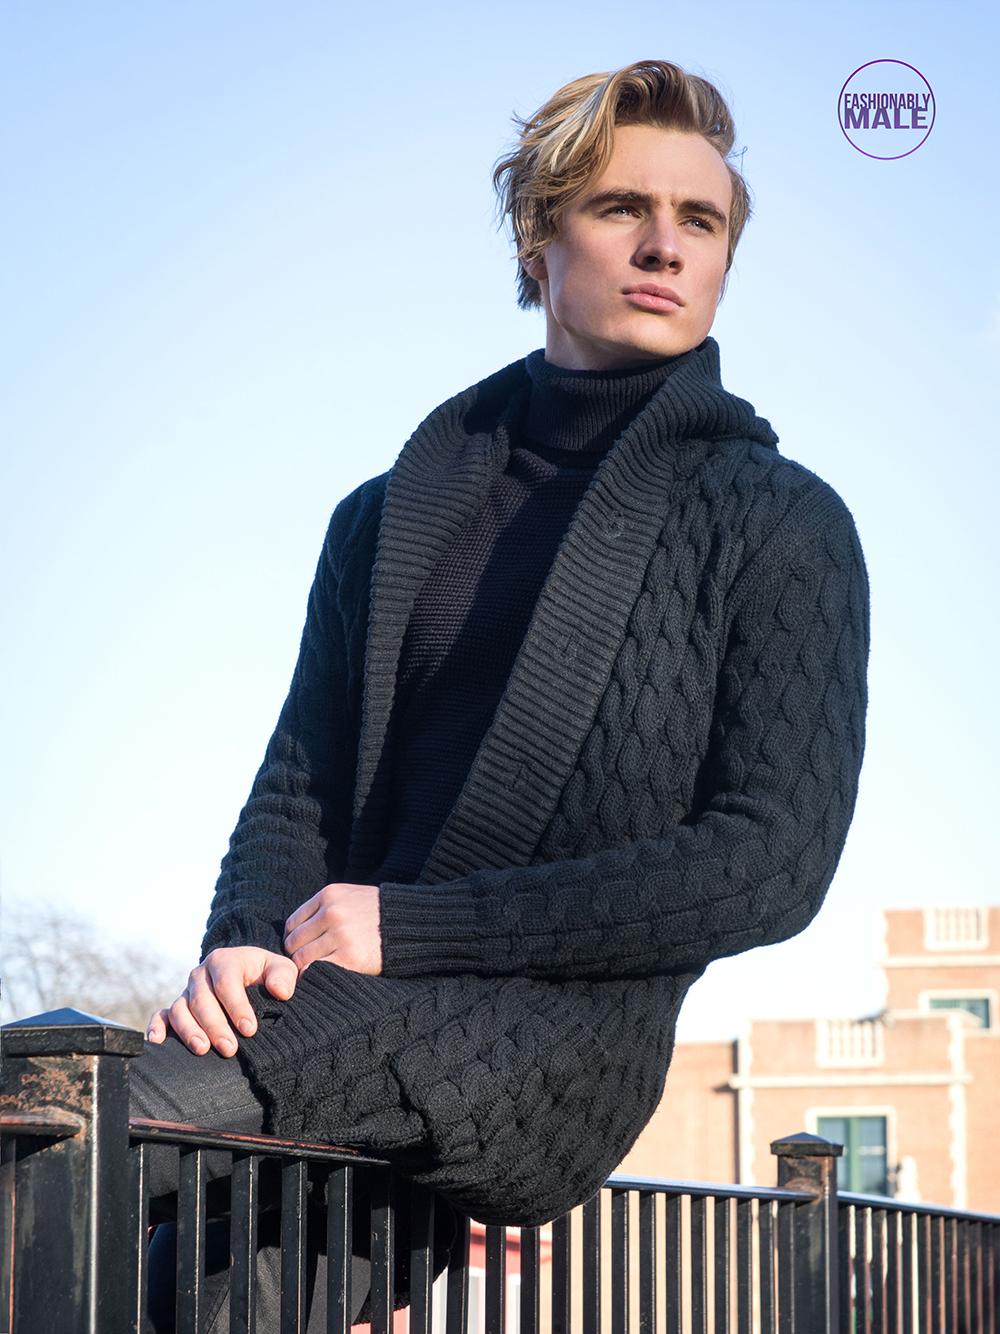 FashionablyMale ALEX CARRABRE (4)